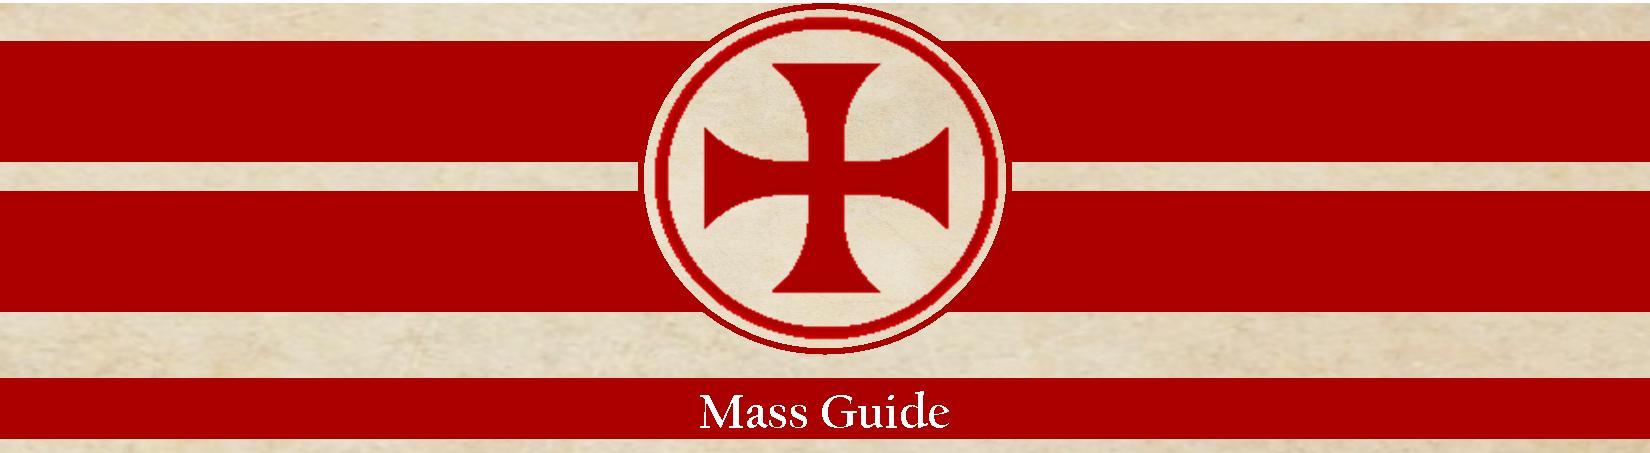 mass guide.jpg